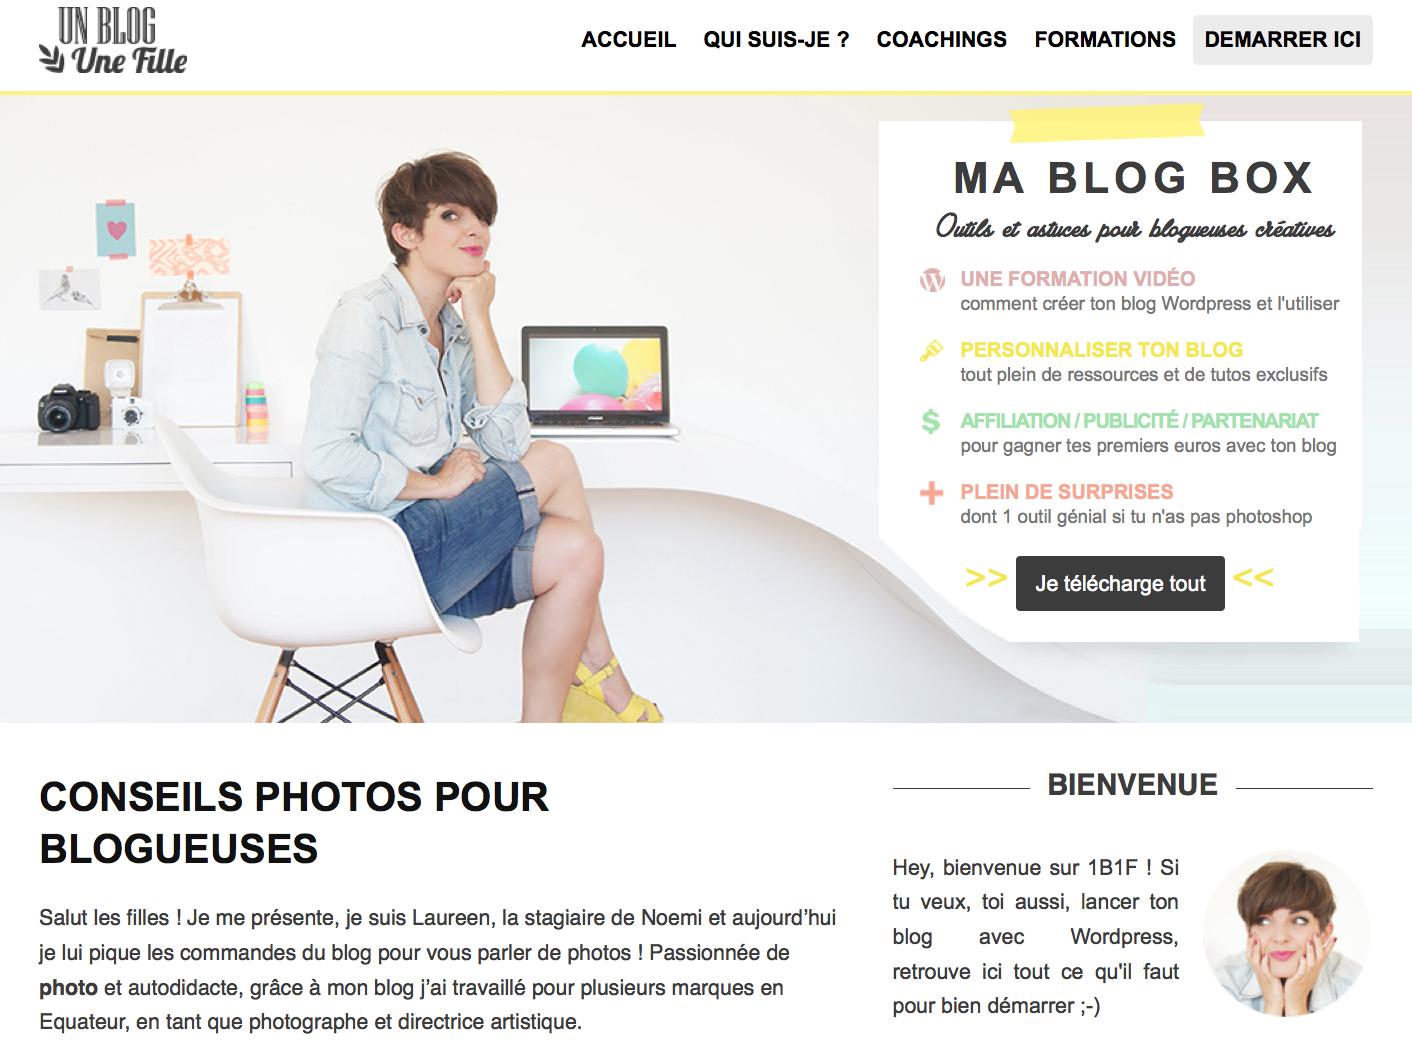 Un blog Une fille le blog à connaitre pour démarrer son blog ou site